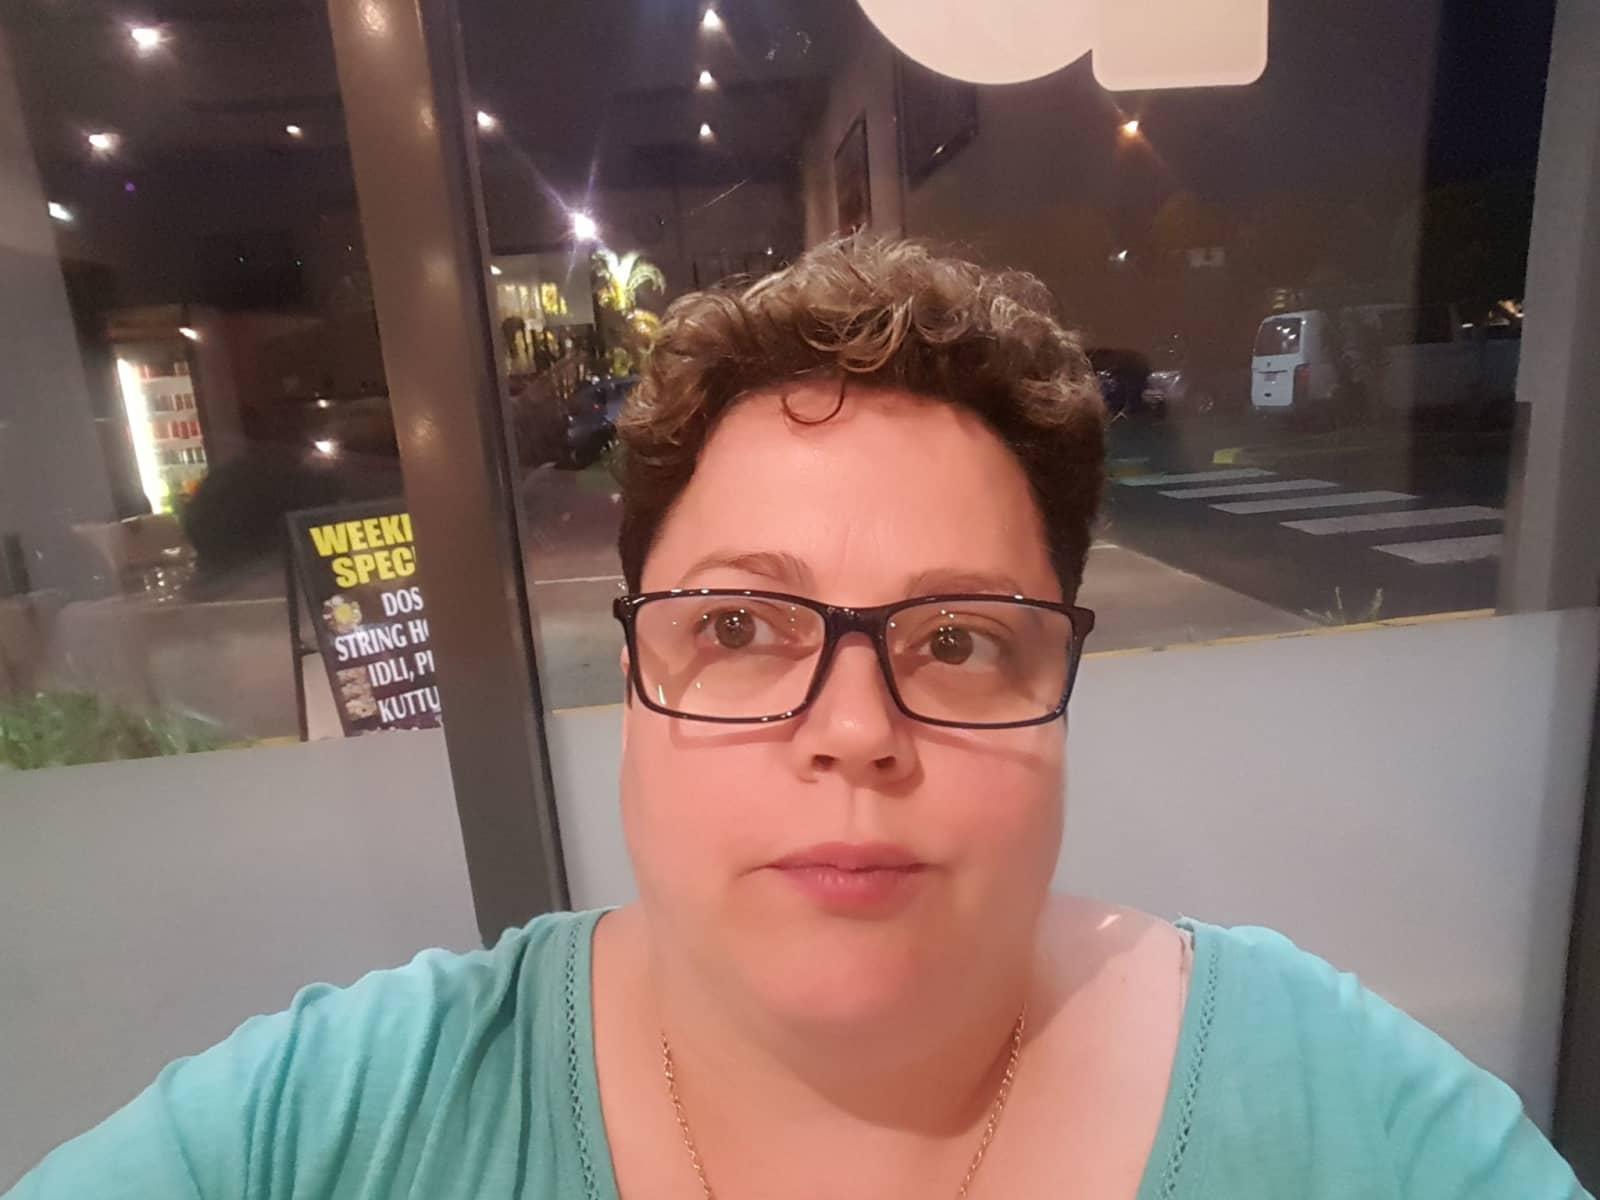 Gwynne from Brisbane, Queensland, Australia